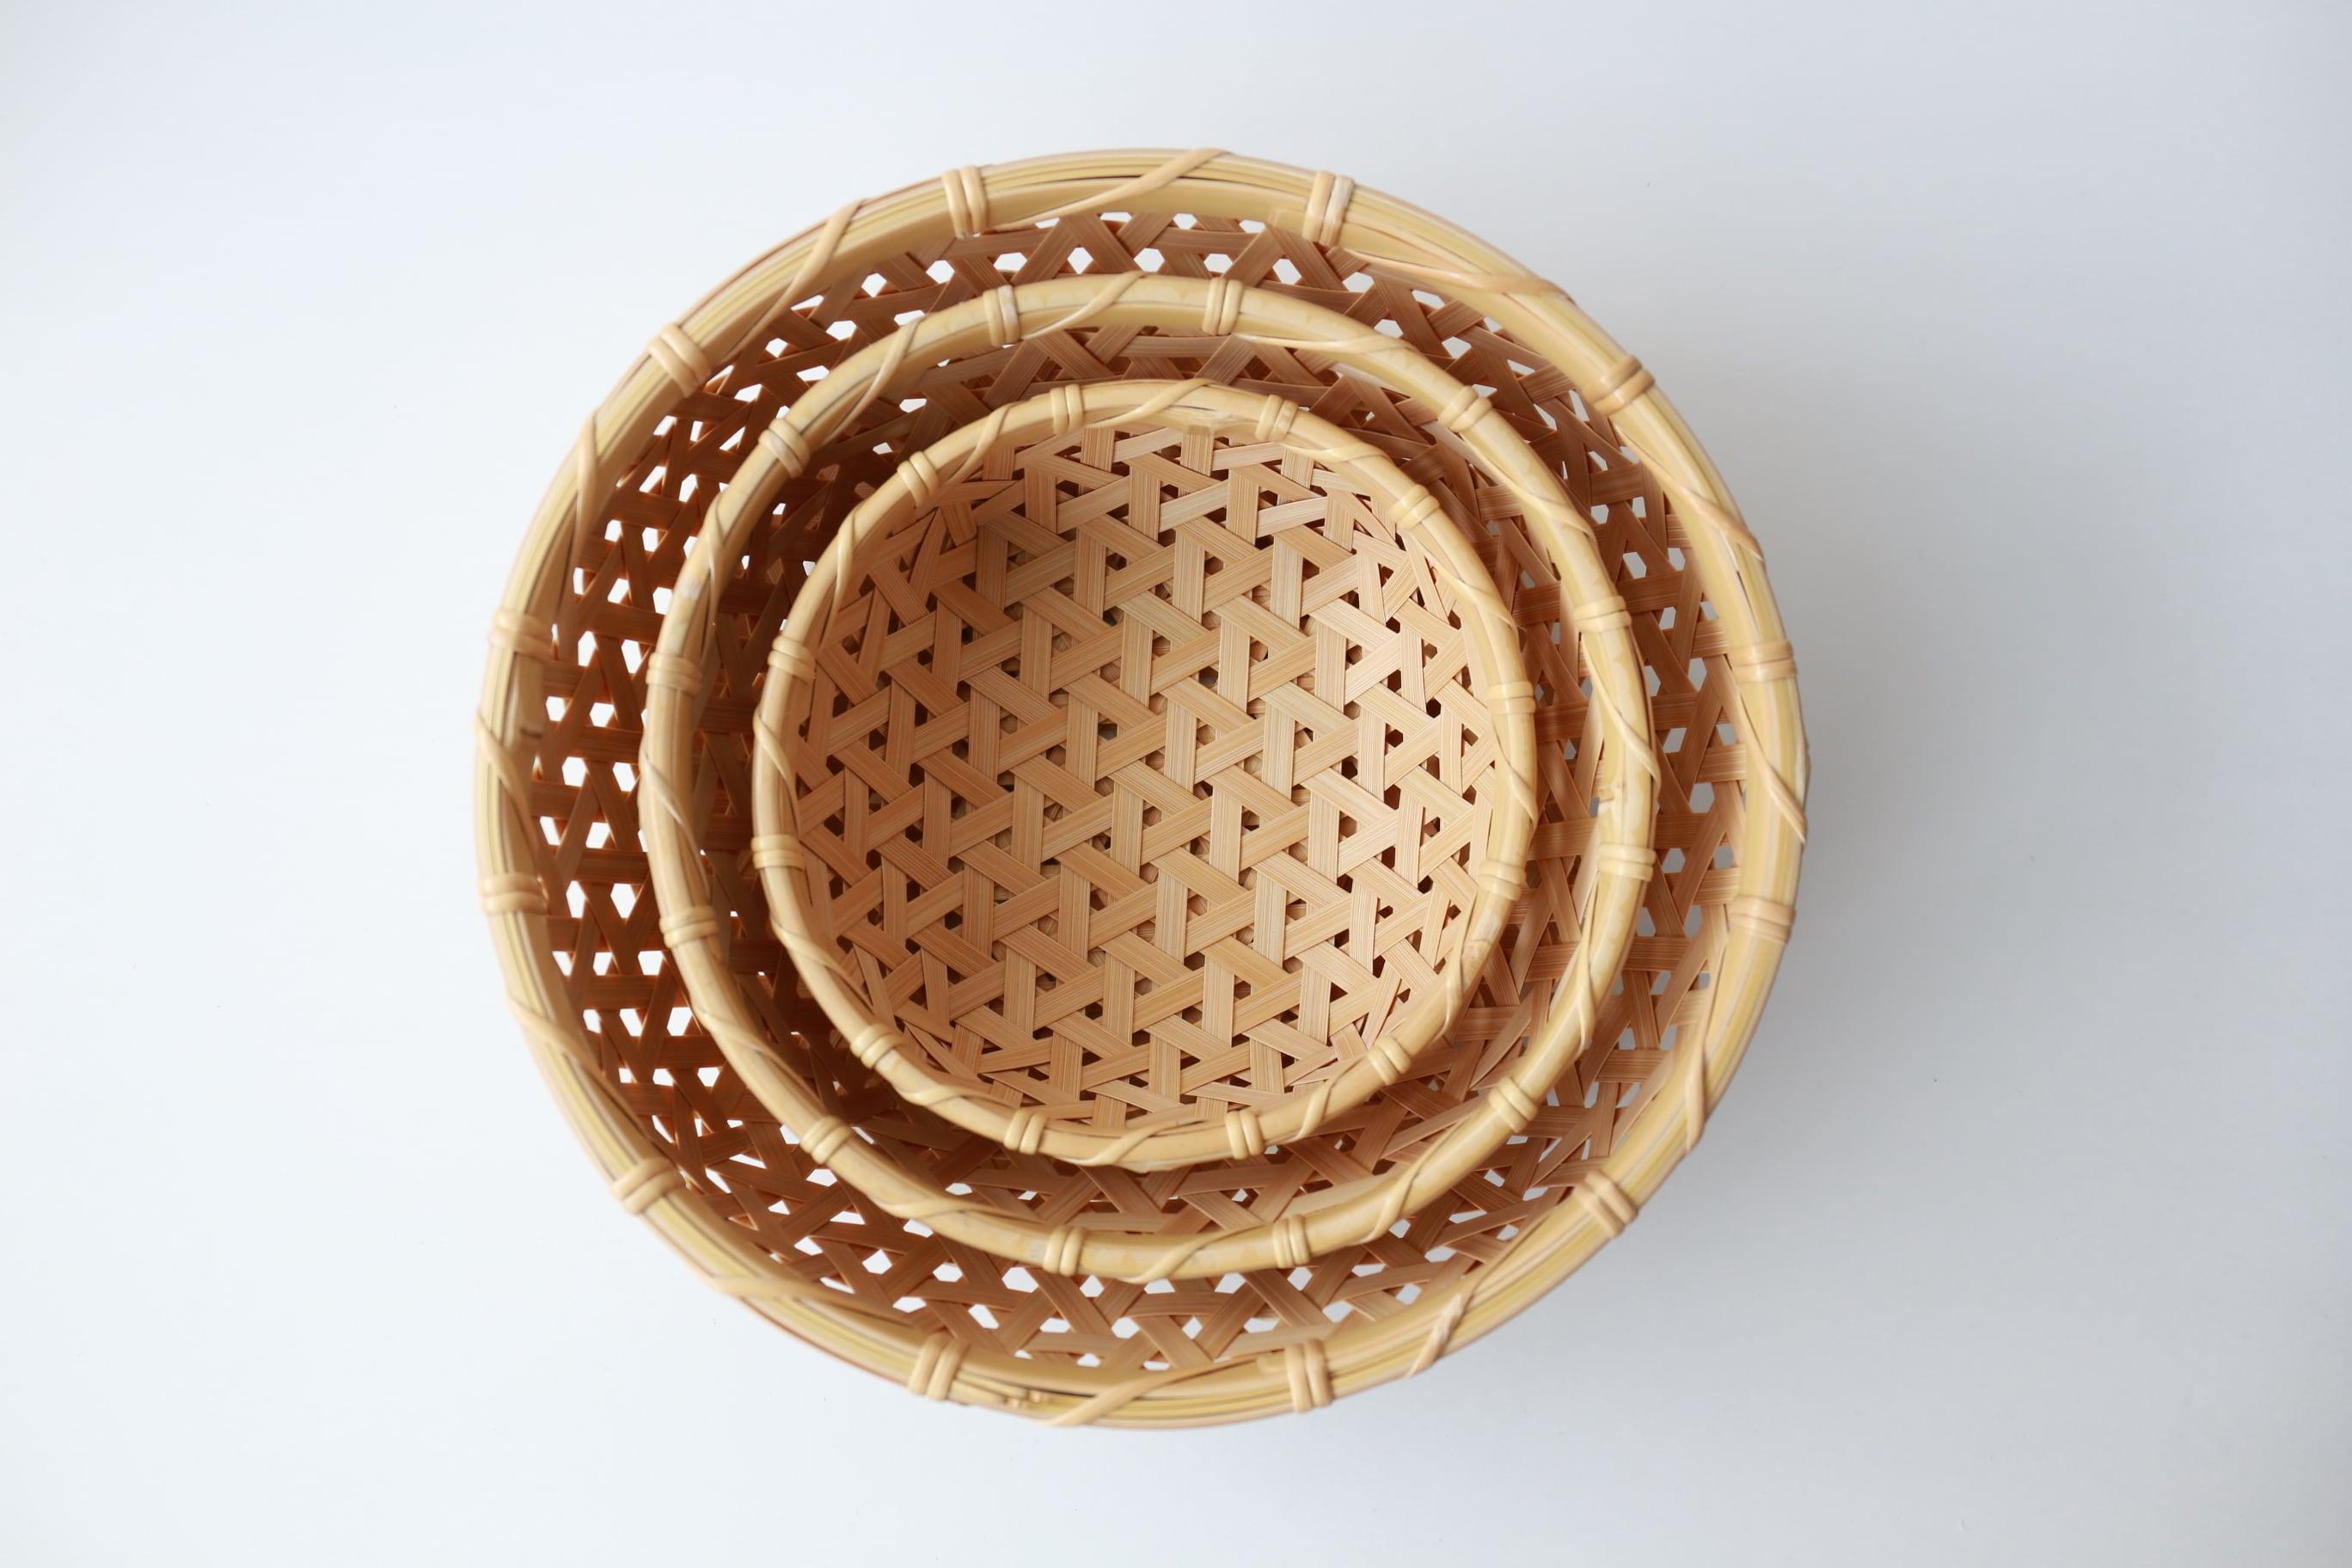 けはれ竹工房 果菜盛りカゴ 小